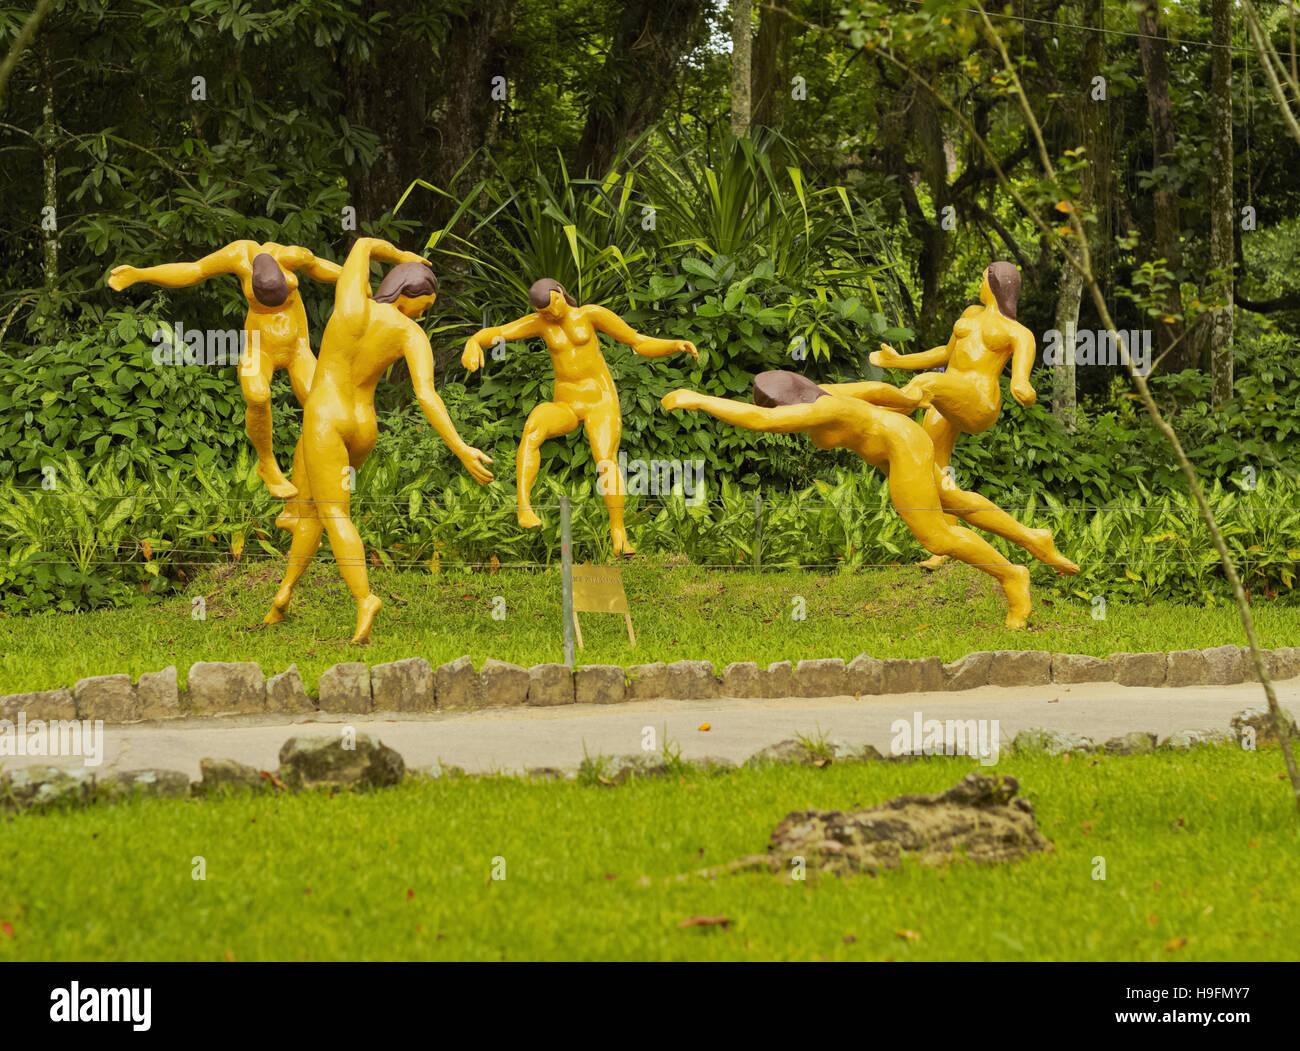 Brazil, City of Rio de Janeiro, Zona Sul, Sculpture in the Botanical Garden. Stock Photo